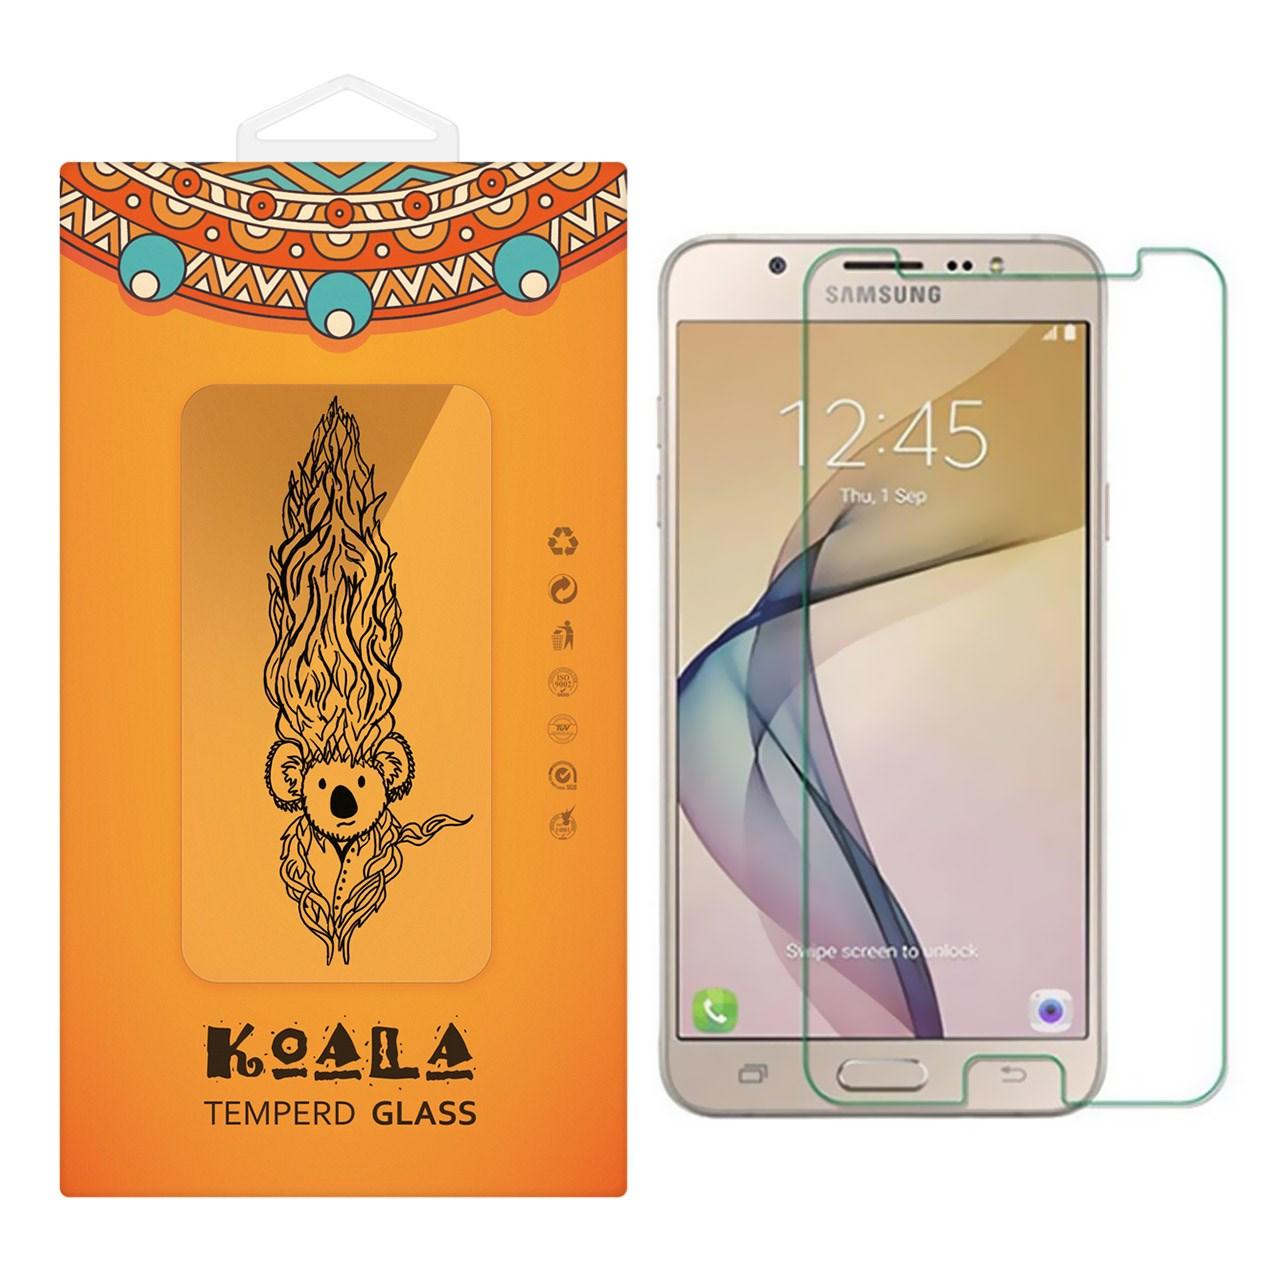 محافظ صفحه نمایش شیشه ای کوالا مدل Tempered مناسب برای گوشی موبایل سامسونگ Galaxy J7 Prime              ( قیمت و خرید)